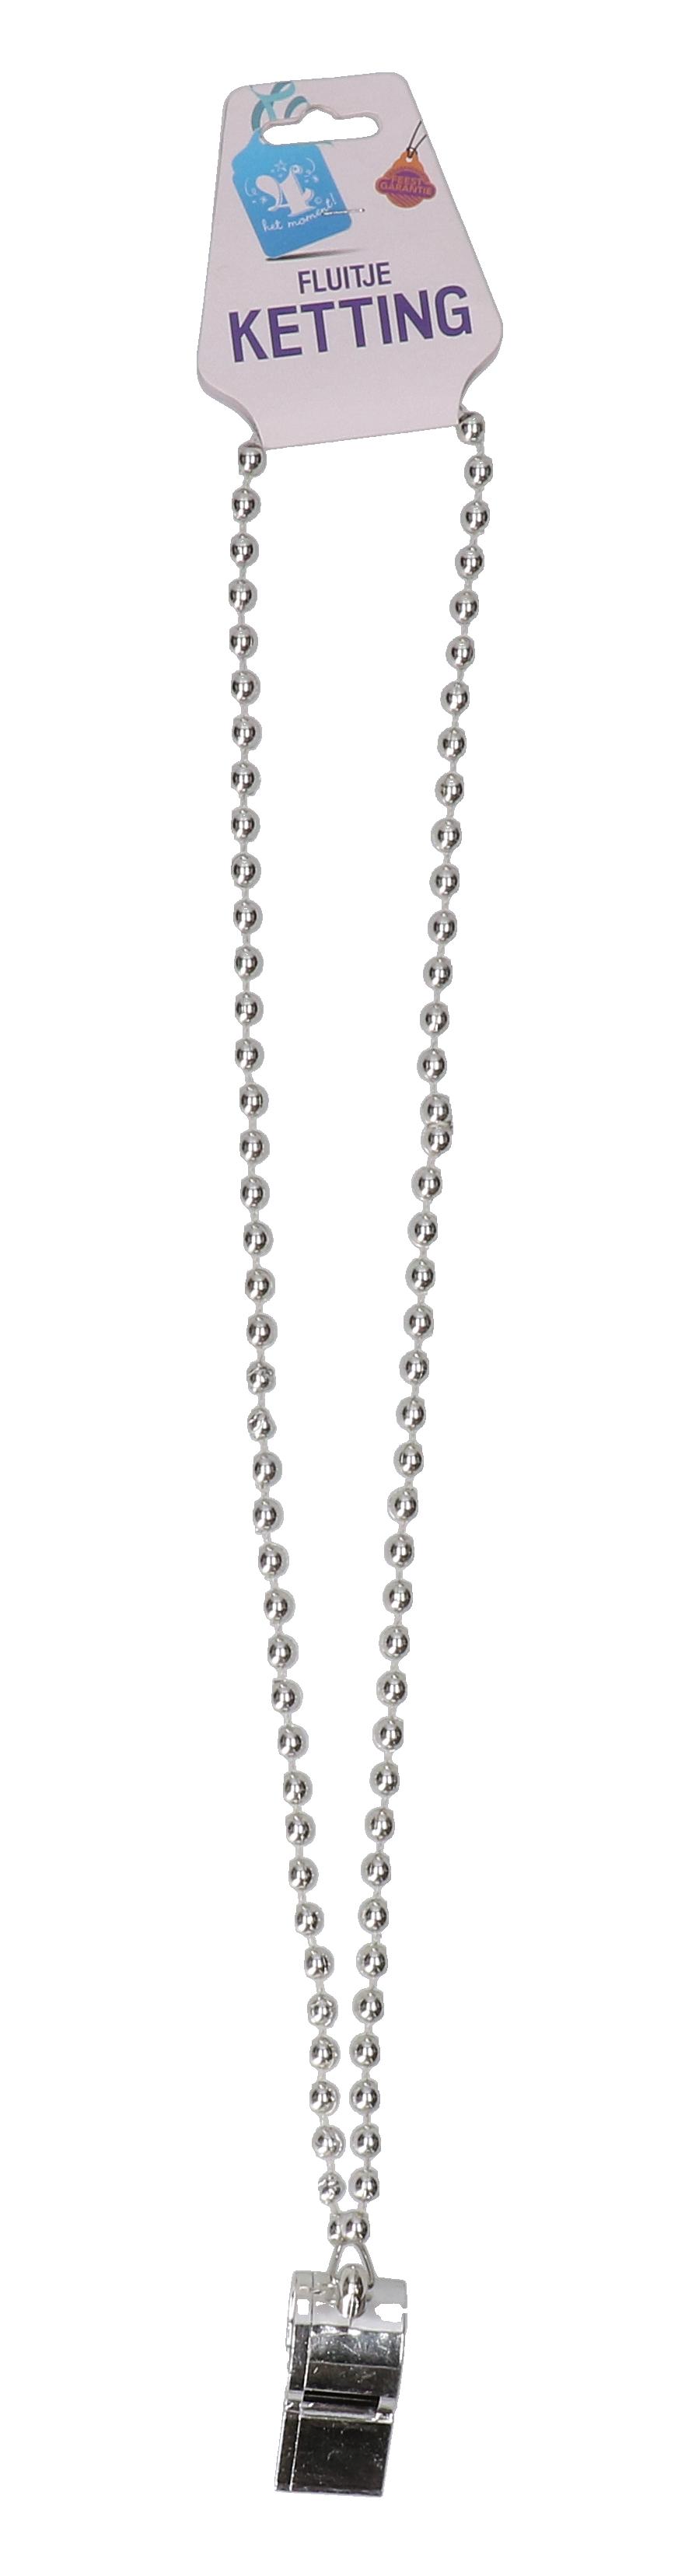 Kralenketting met zilveren fluitje